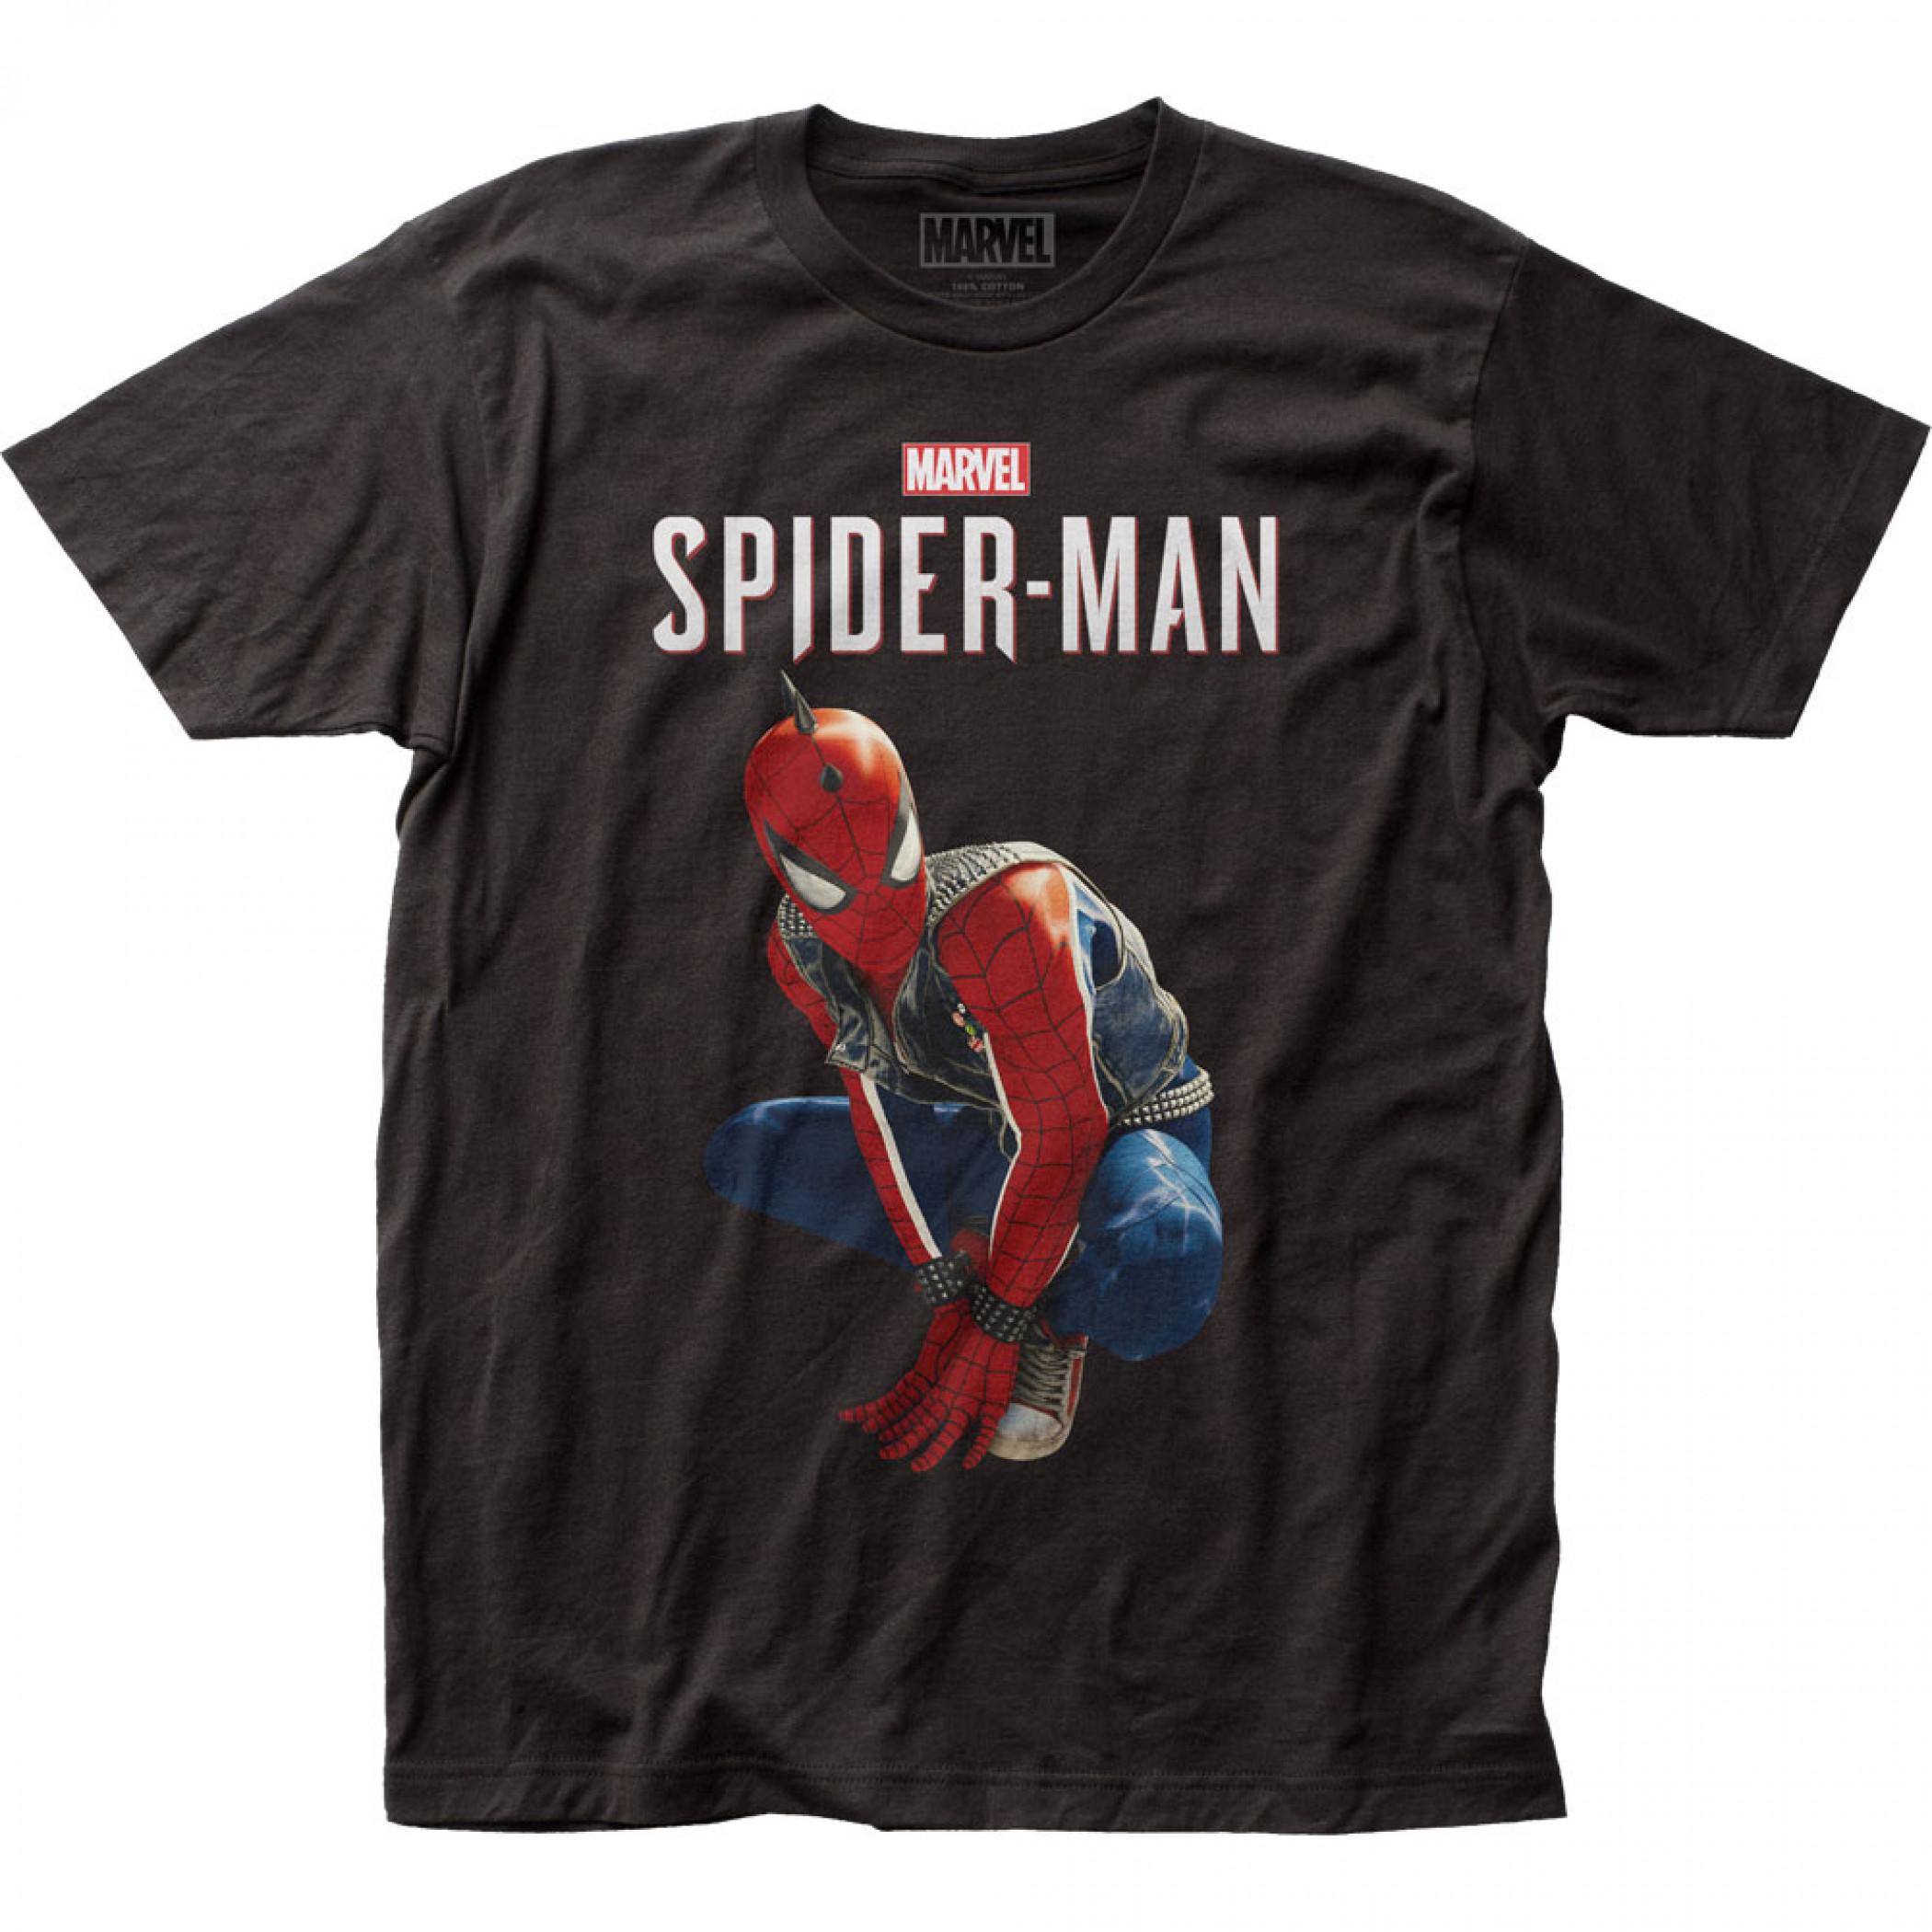 Spider-Man Hobie Brown Spider-Punk T-Shirt